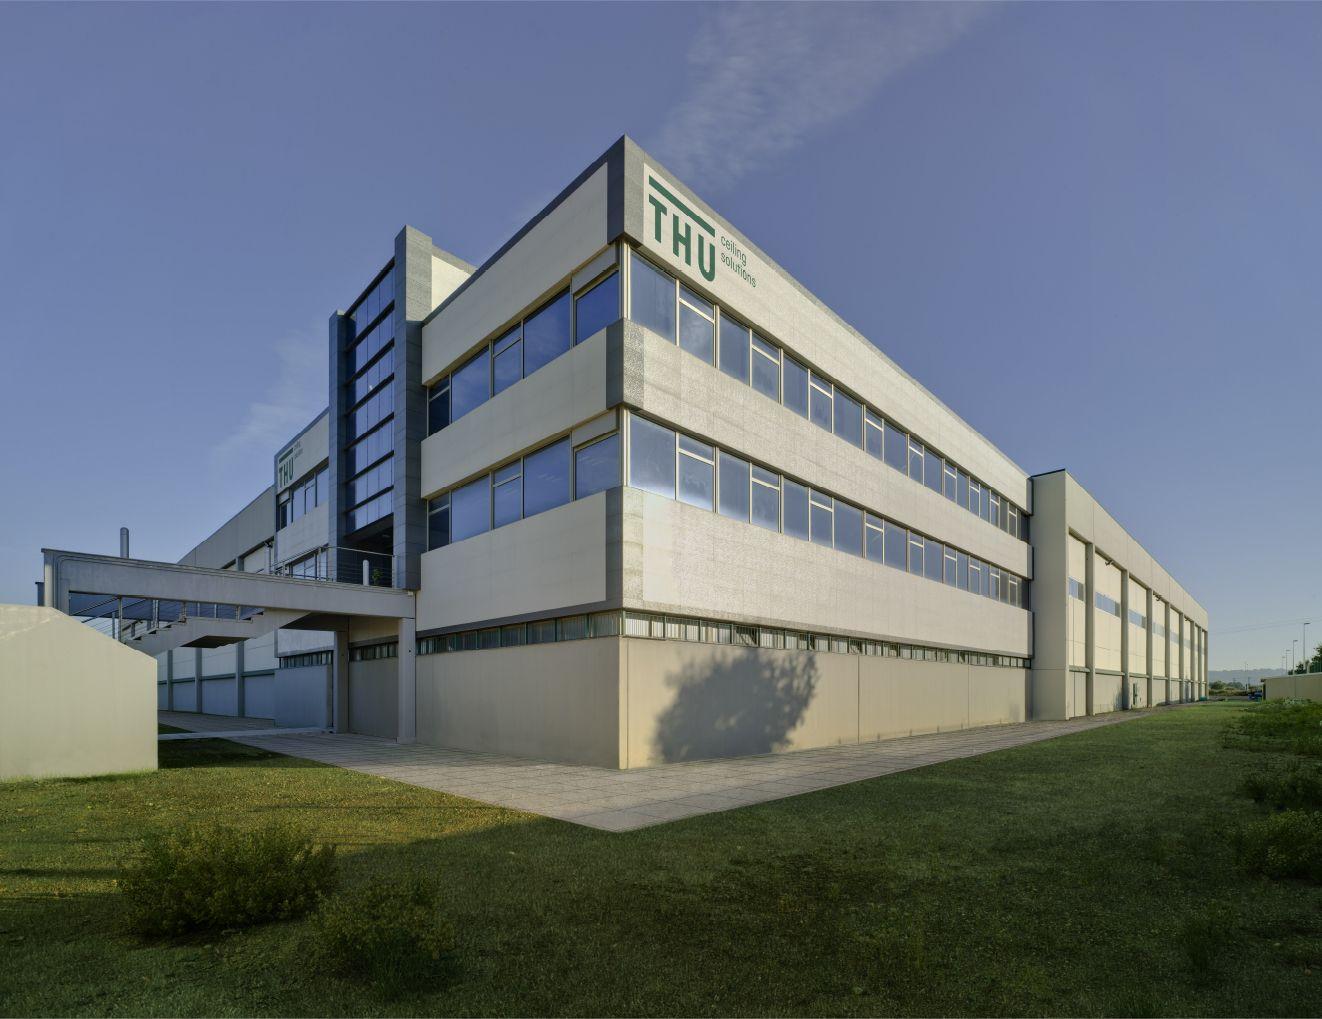 Foto de edificio THU